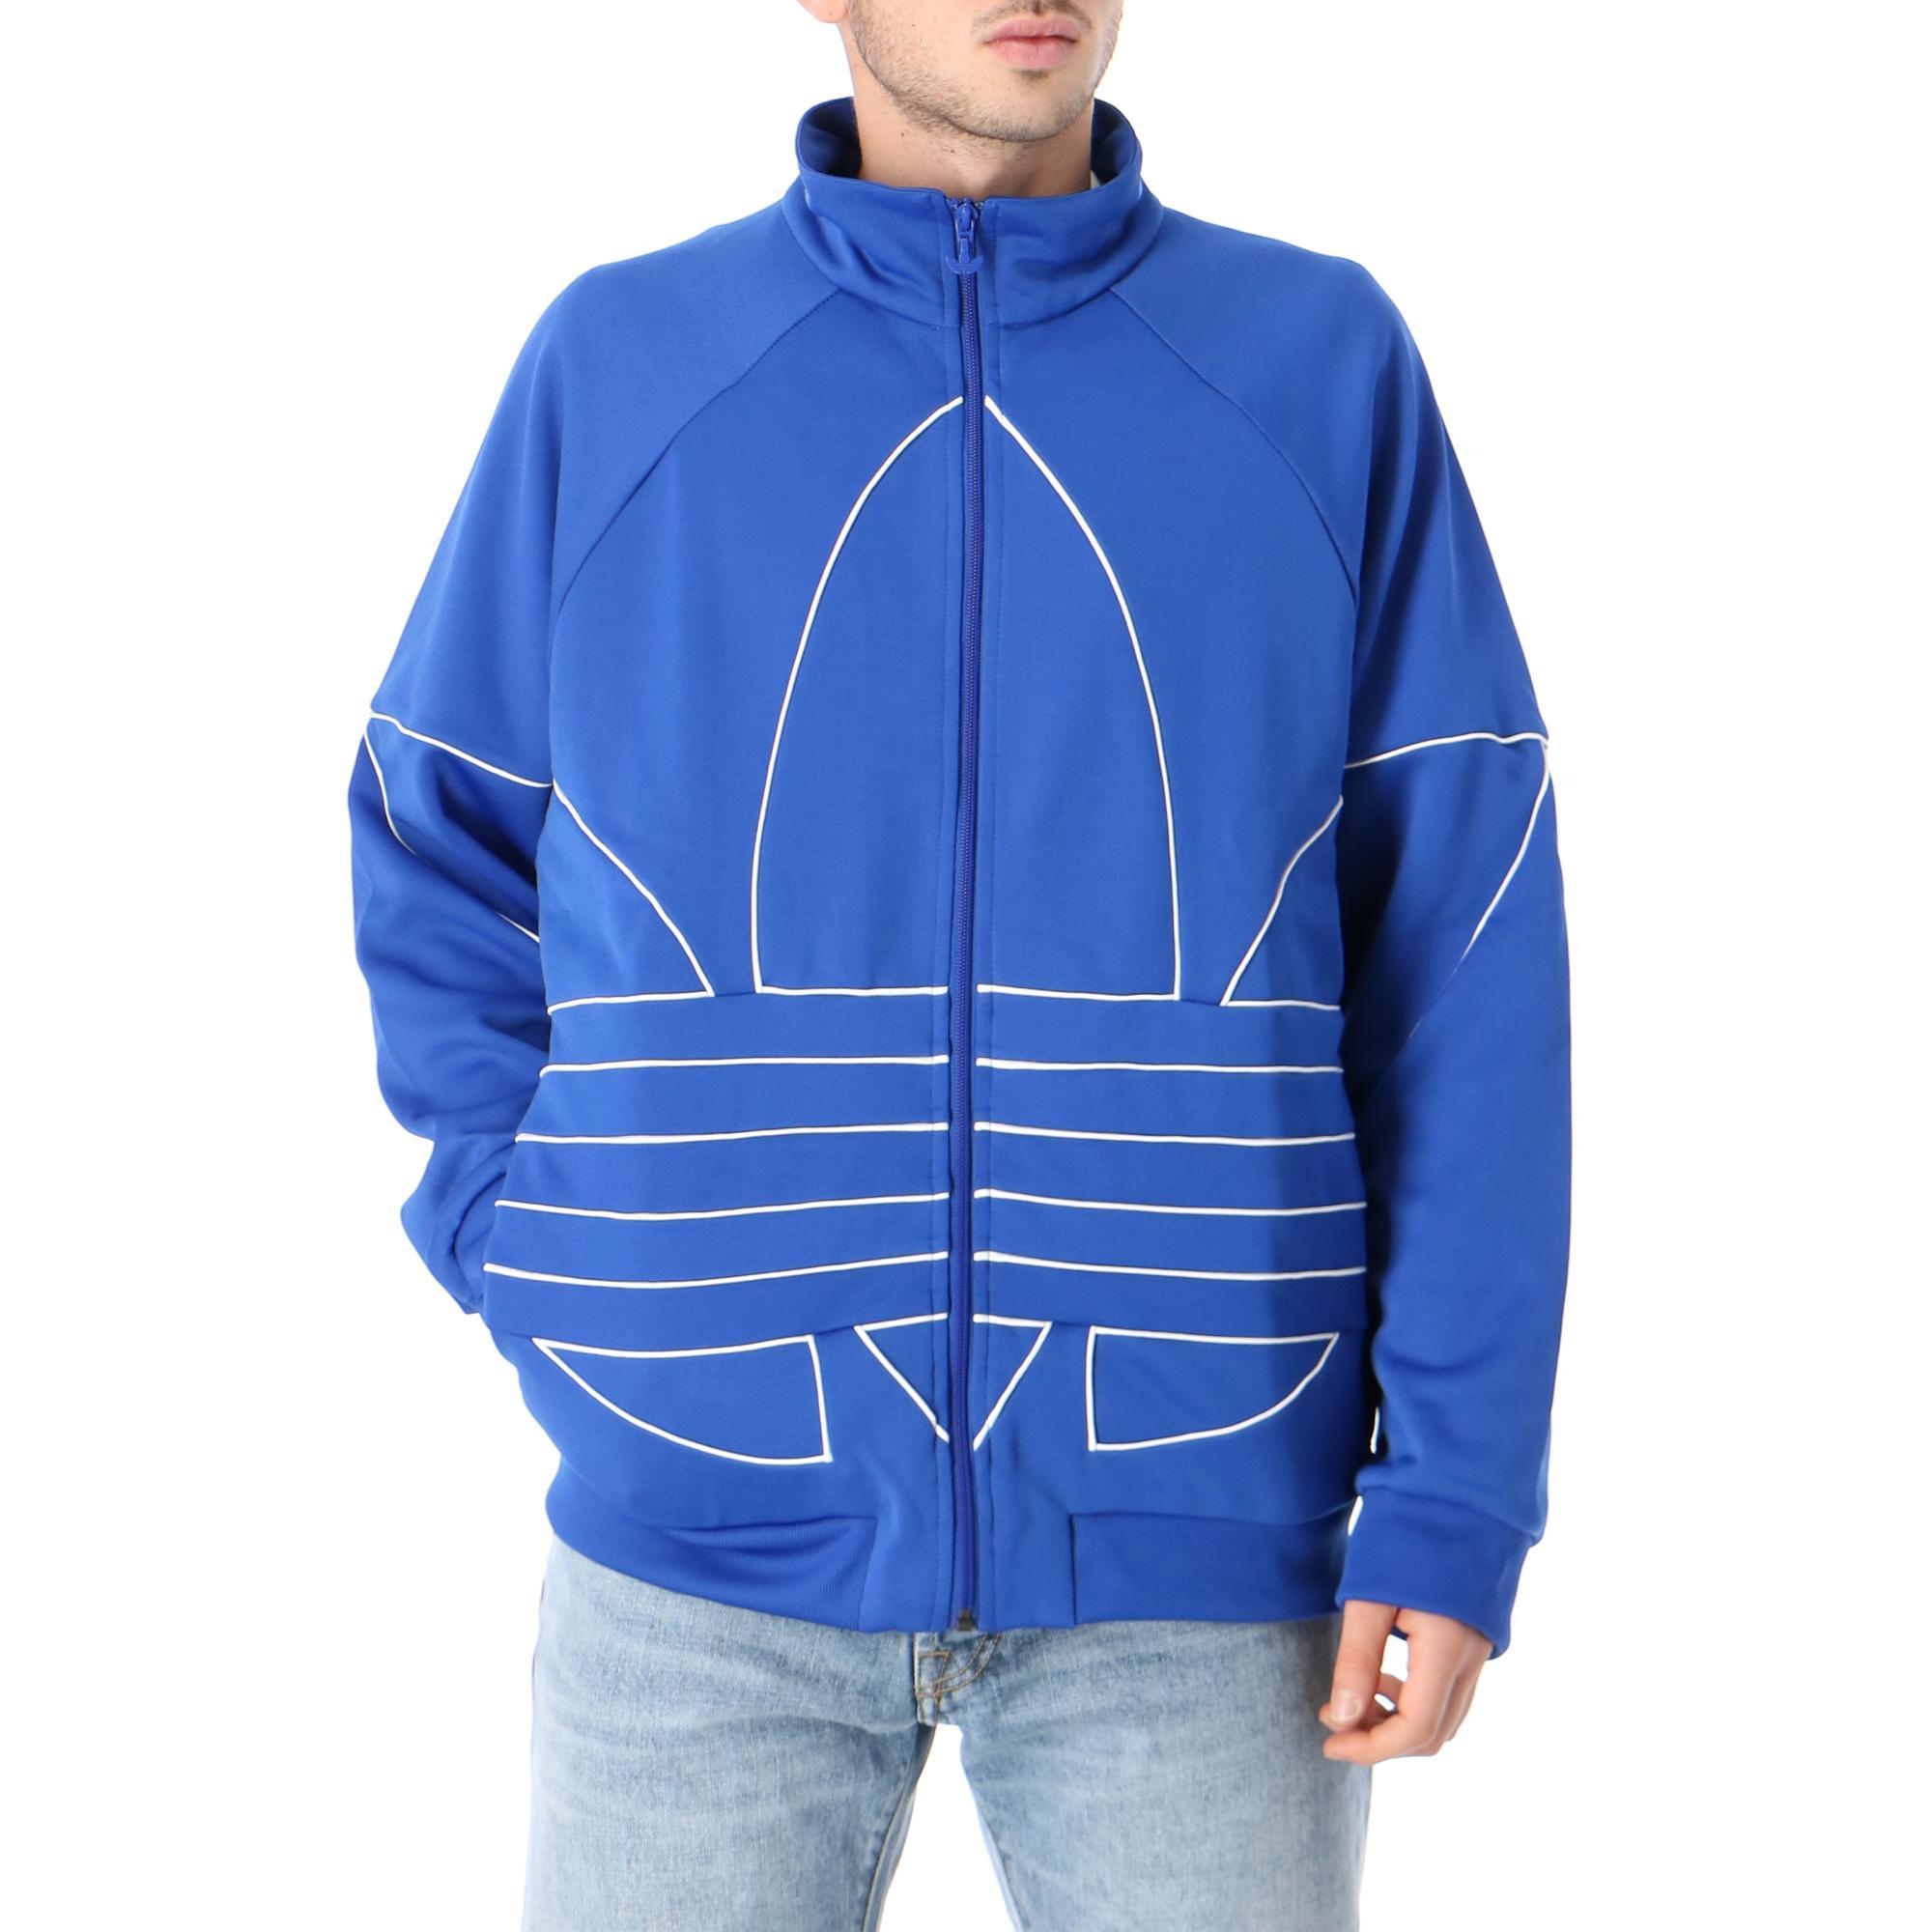 Adidas B Tf Out Ply Tt Team royal blue white